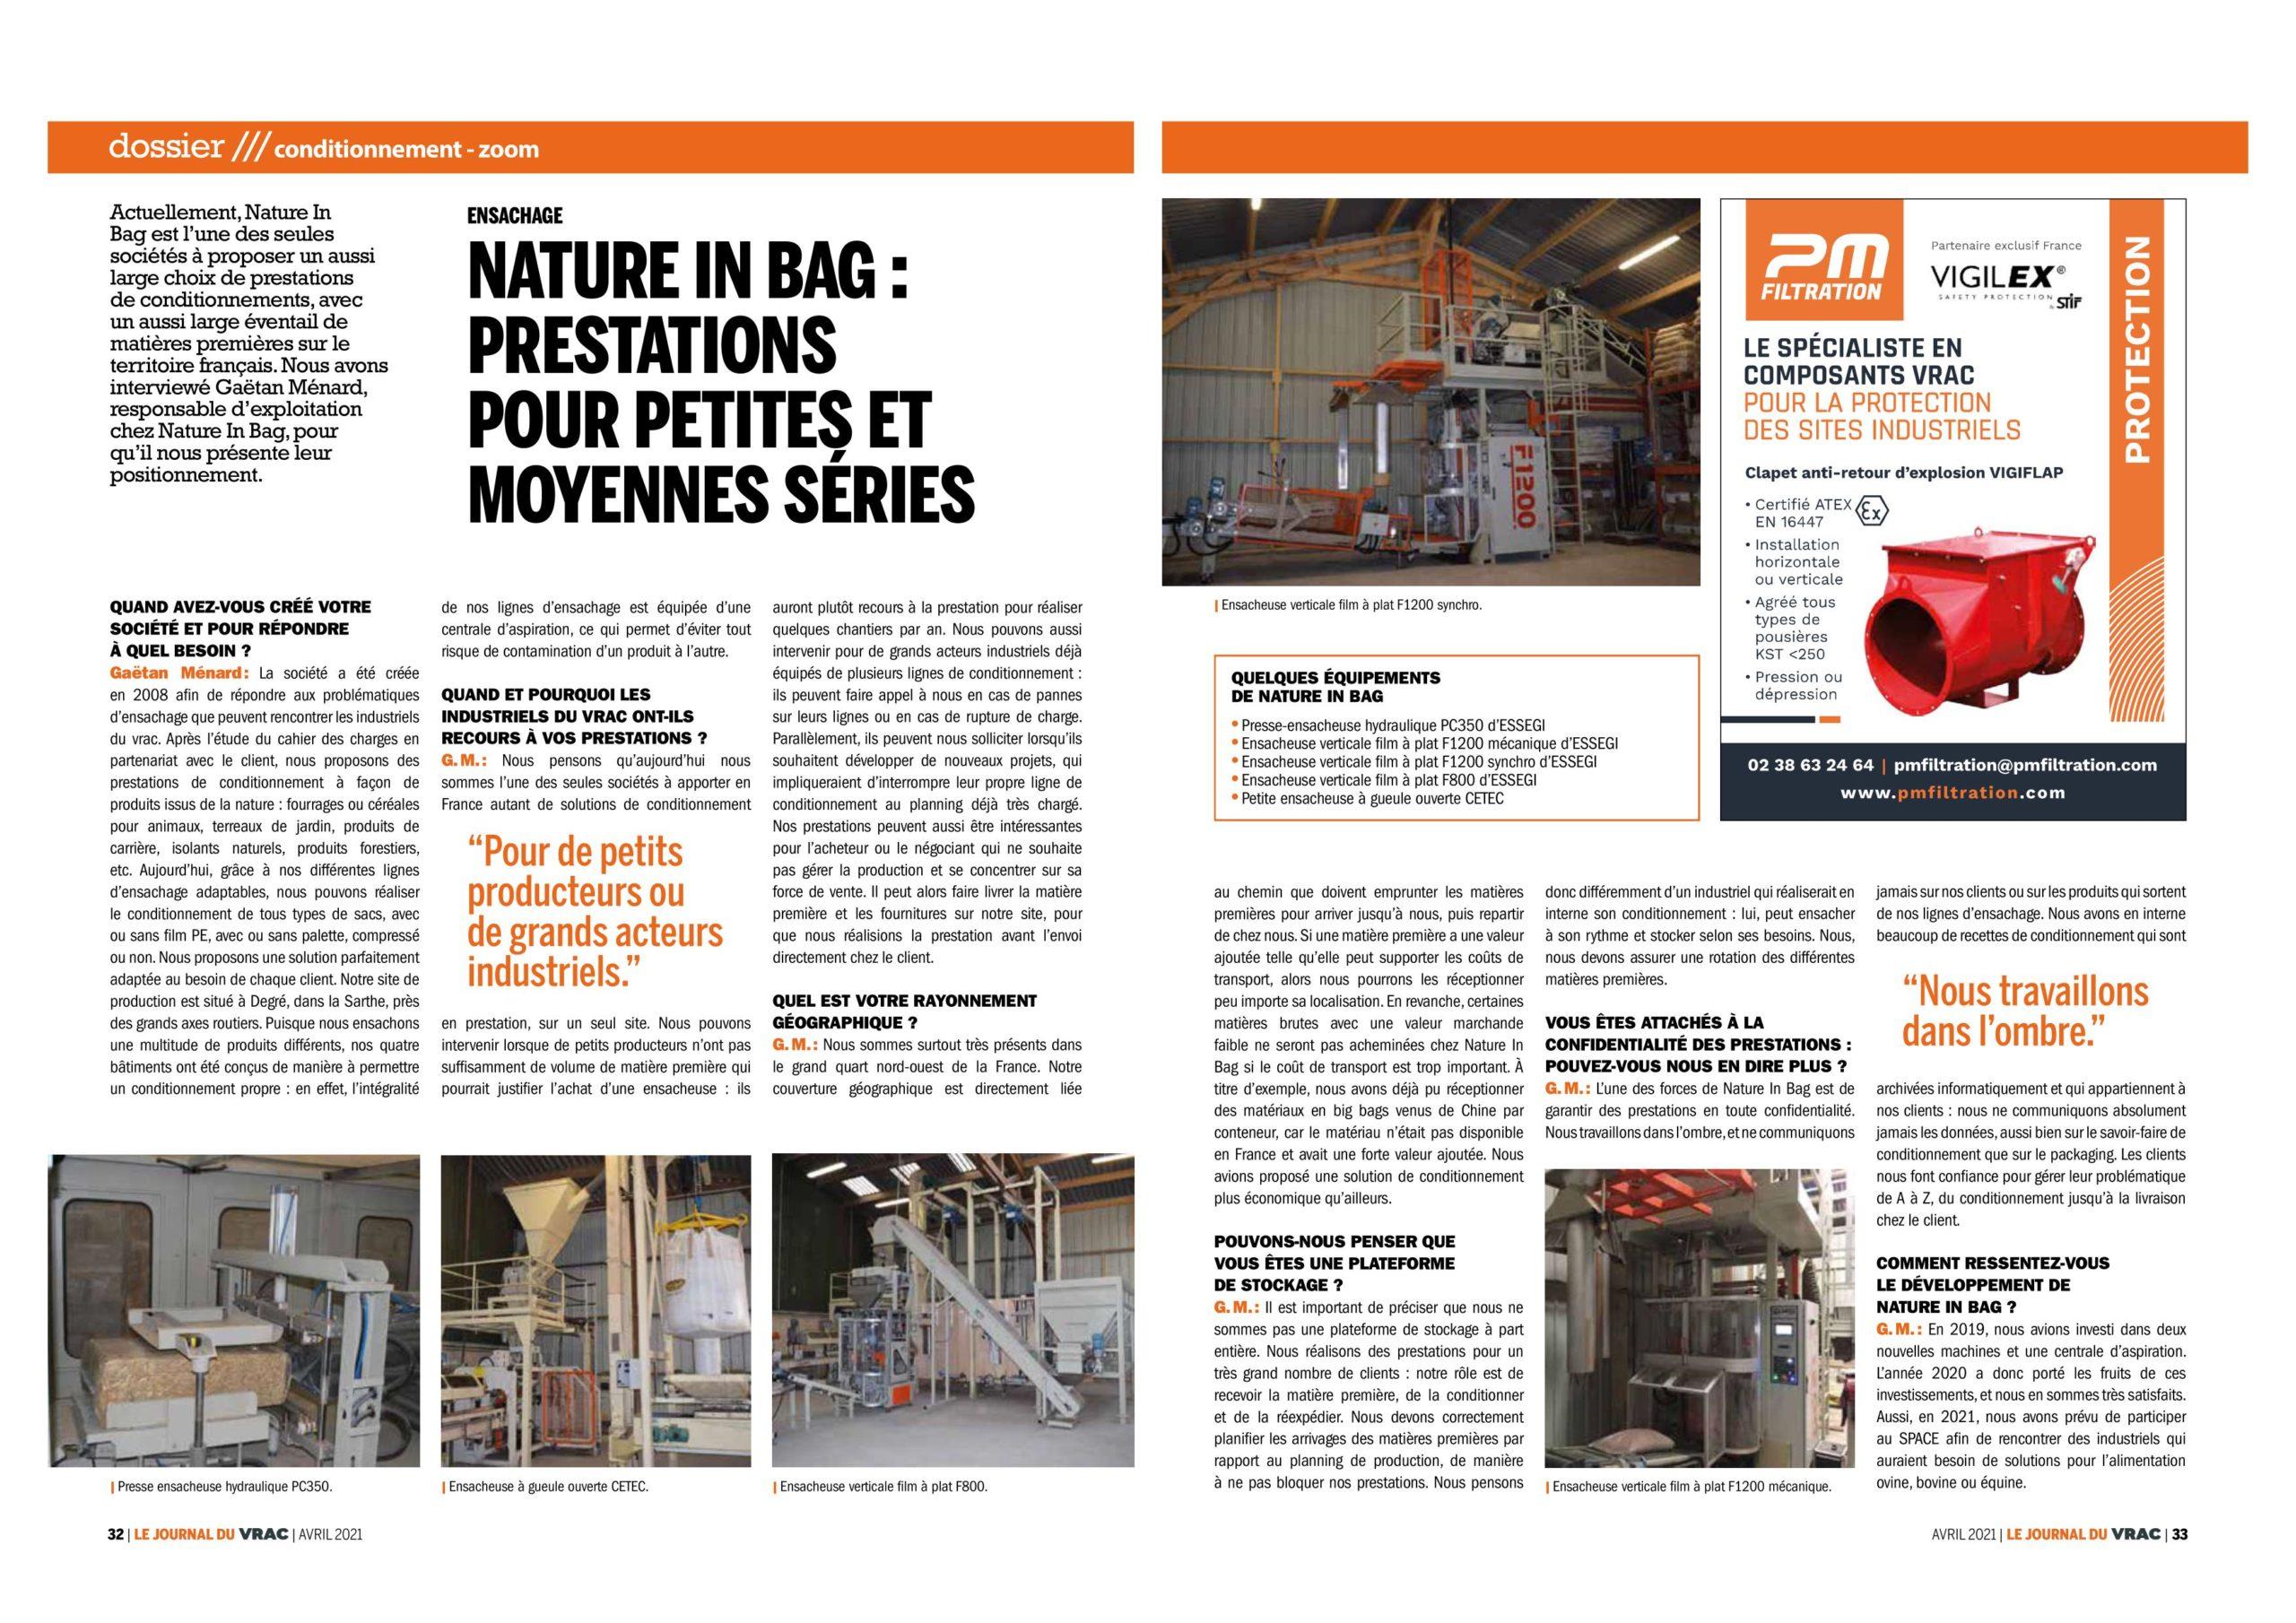 NATURE IN BAG dans la revue LE JOURNAL DU VRAC